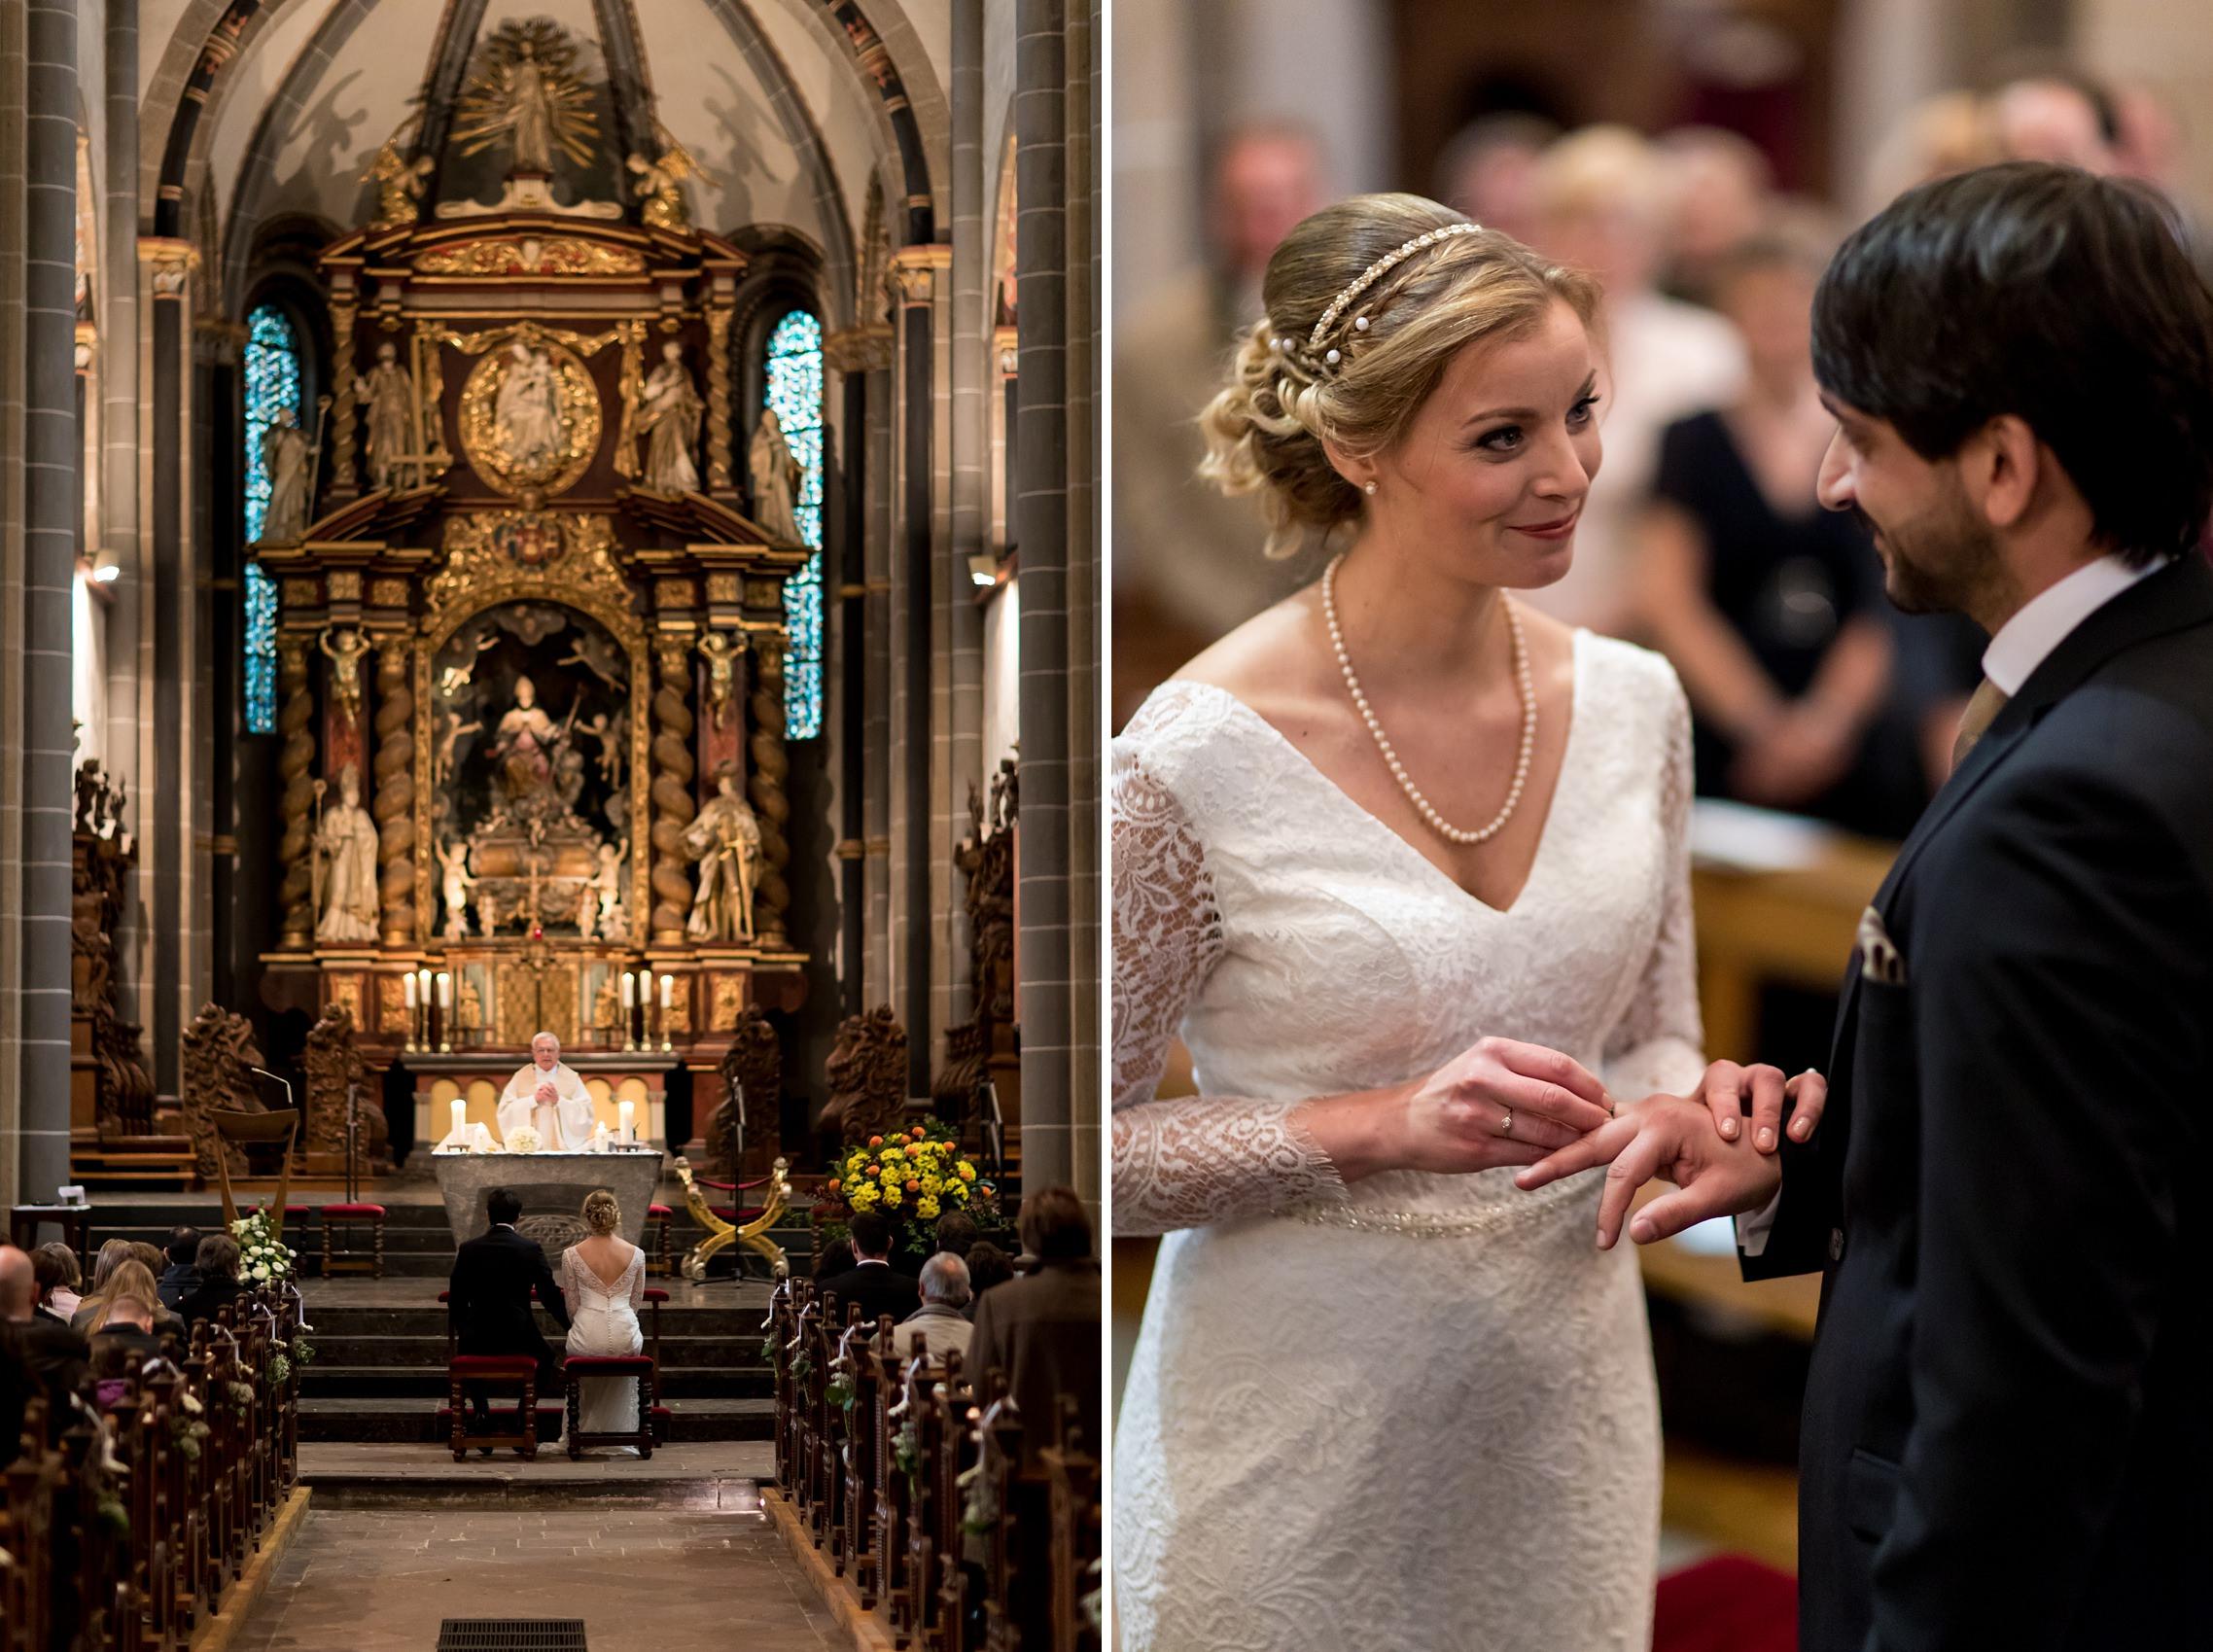 Ringetausch des Hochzeitspaares in der Basilika in Werden